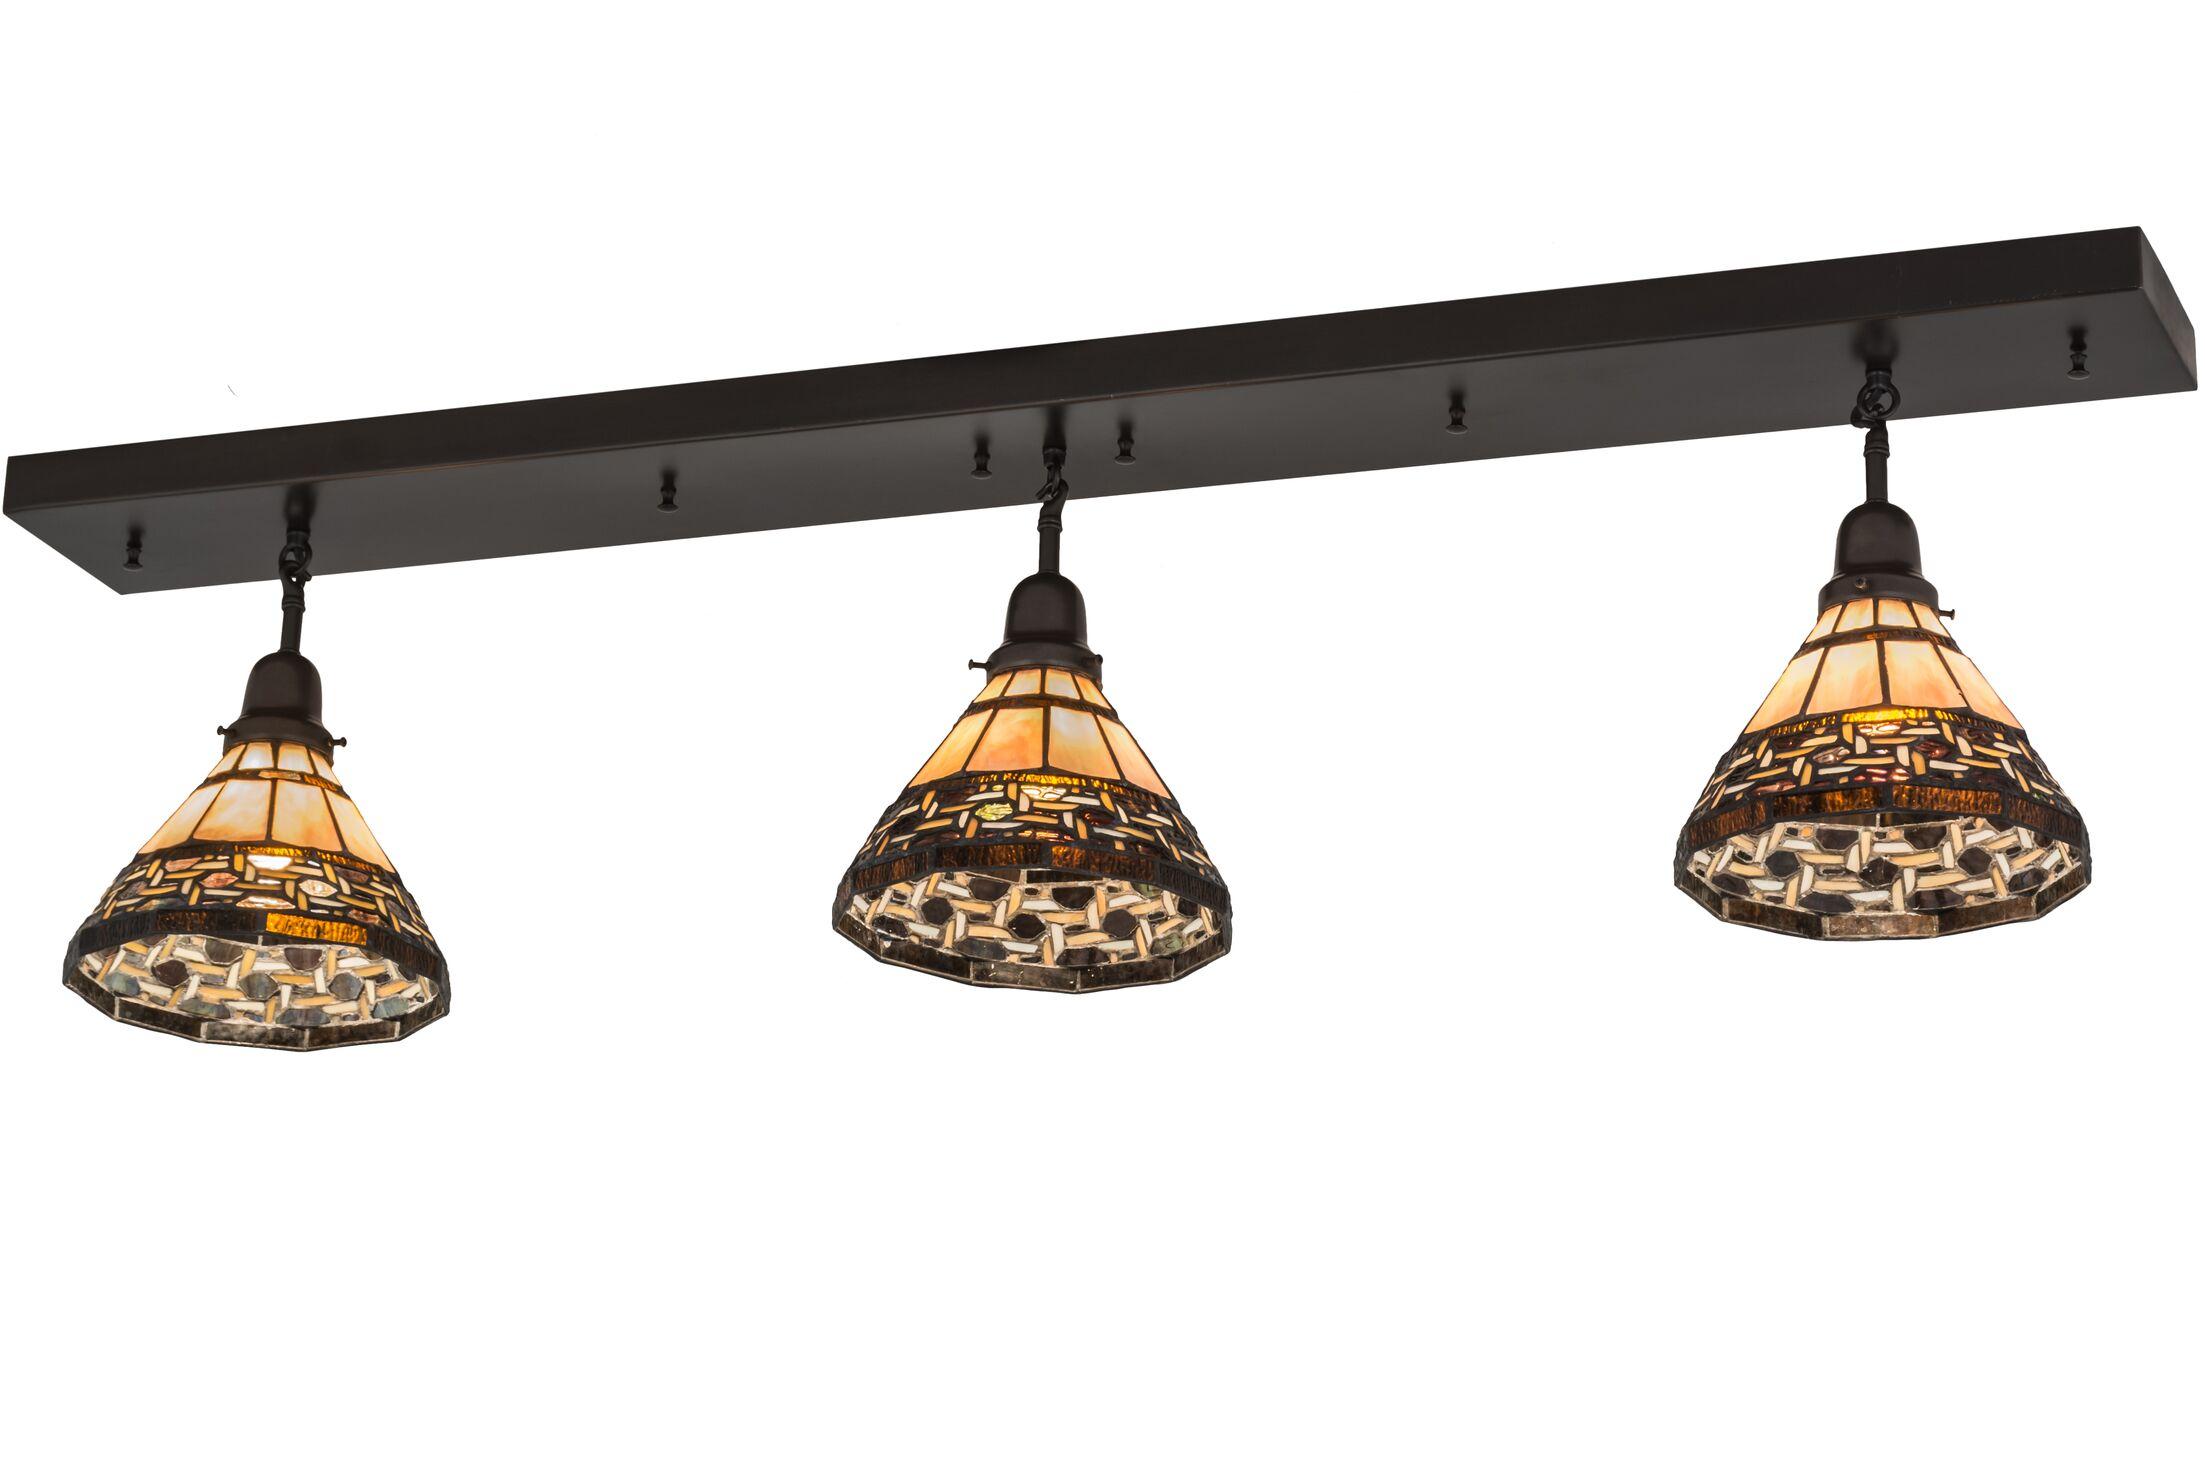 Alysa 3-Light Pool Table Lights Pendant